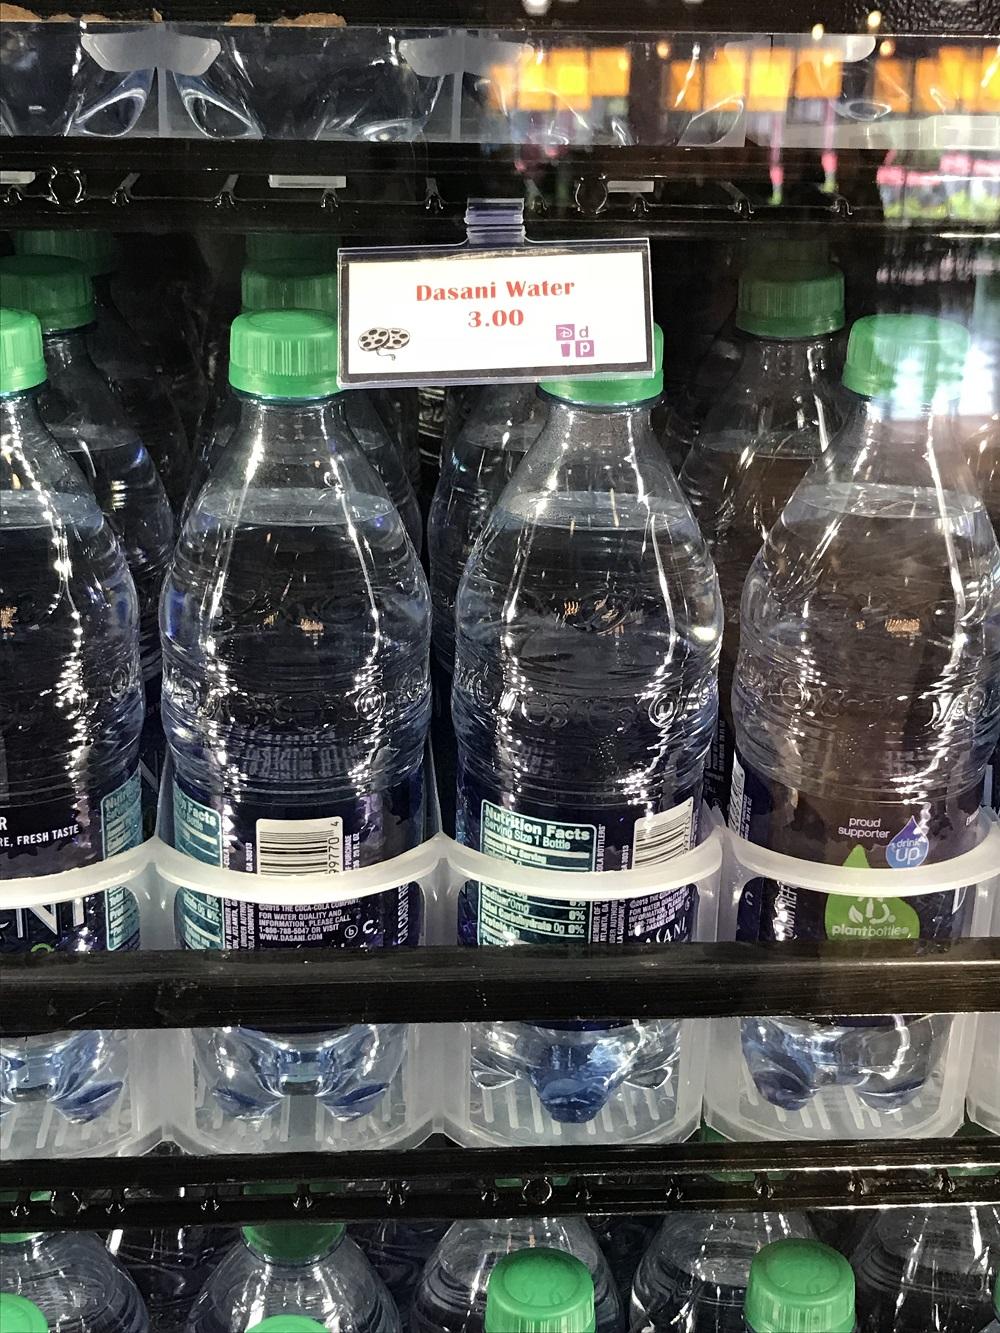 ディズニーワールドの水は3ドル